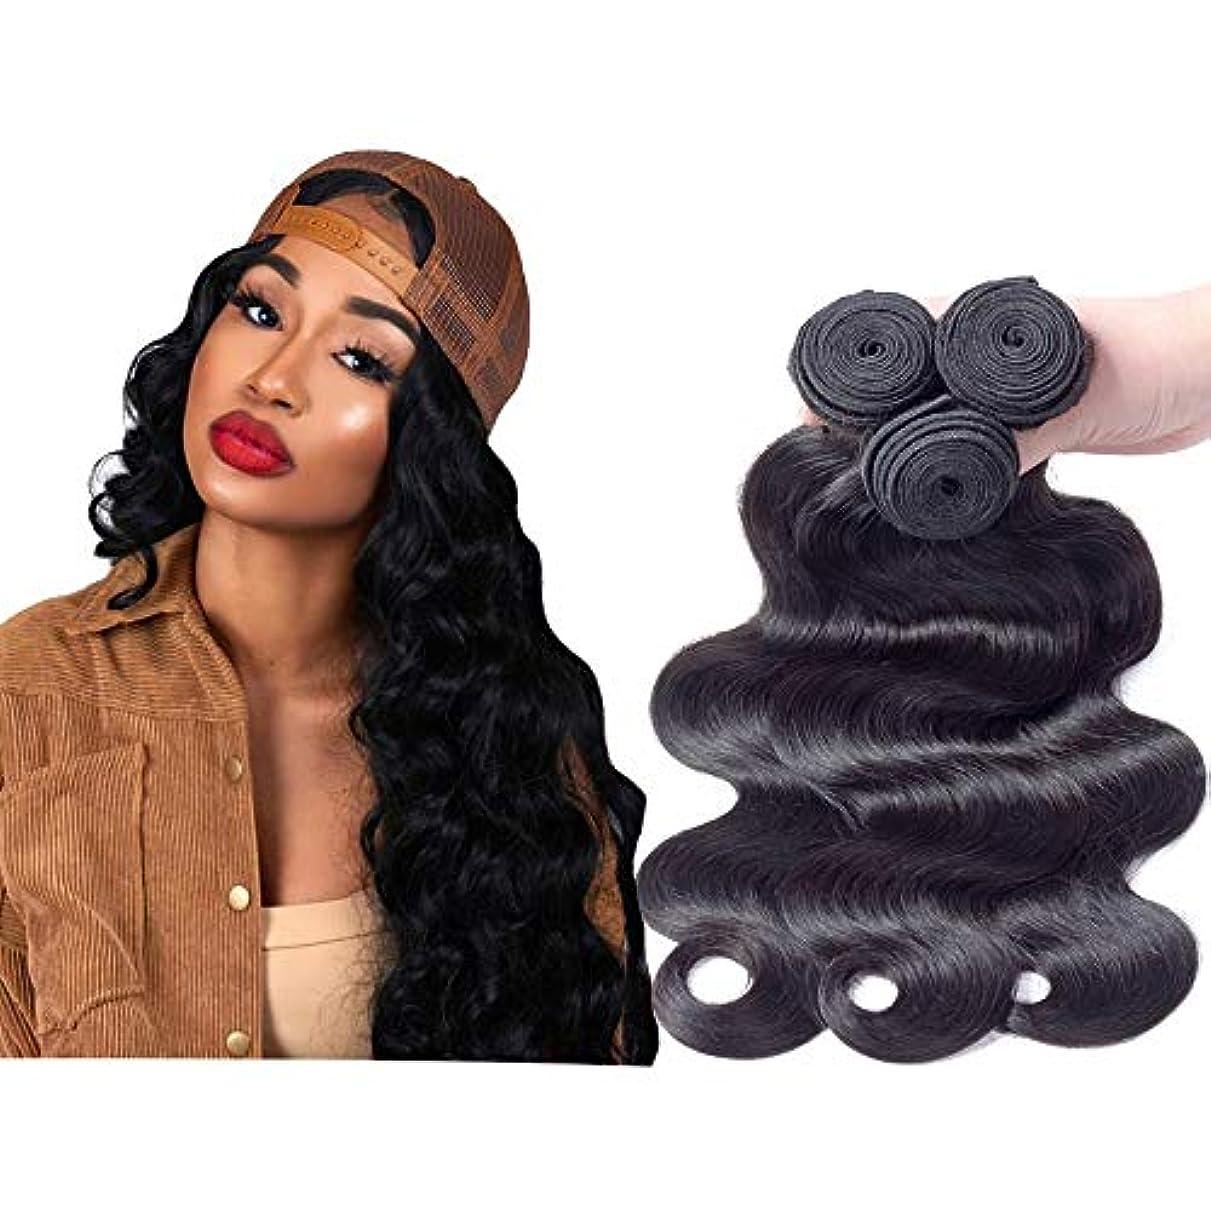 場所変換するハントHOHYLLYA ブラジルの髪の束人体波ヘアエクステンション#1Bナチュラルブラックカラー(10